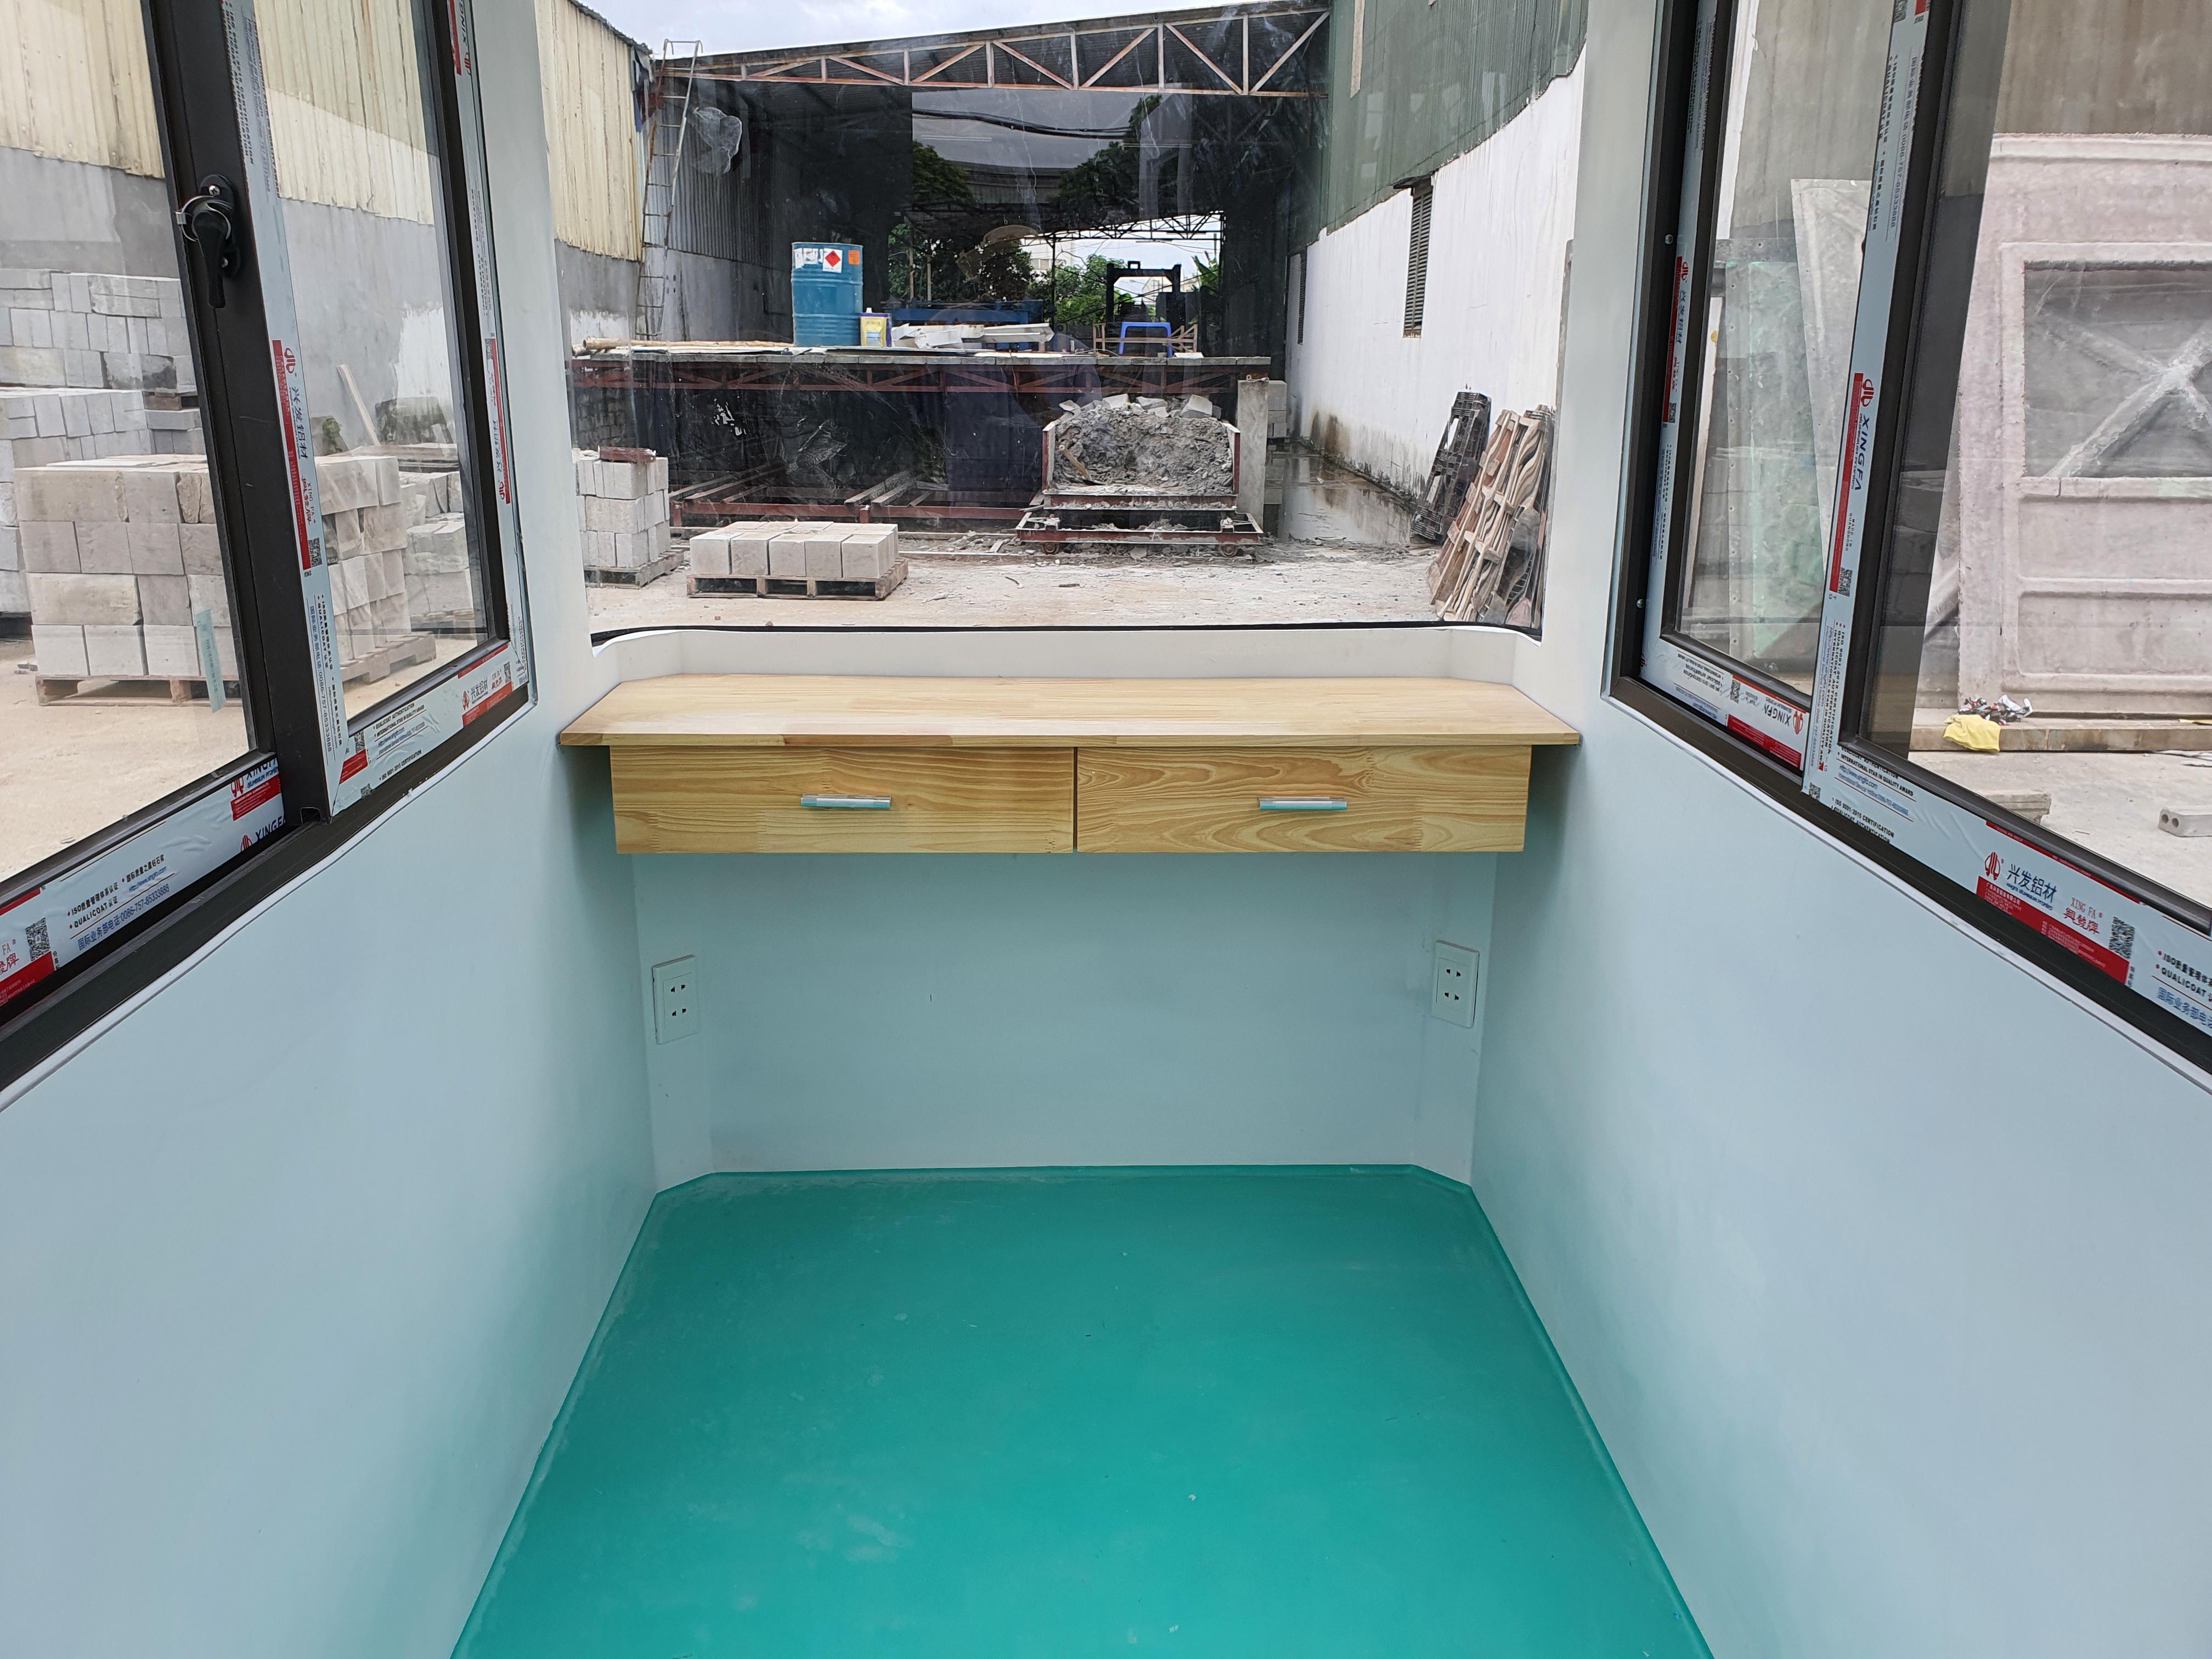 Nội thất cabin cũng được đúc liền khối từ composite cao cấp